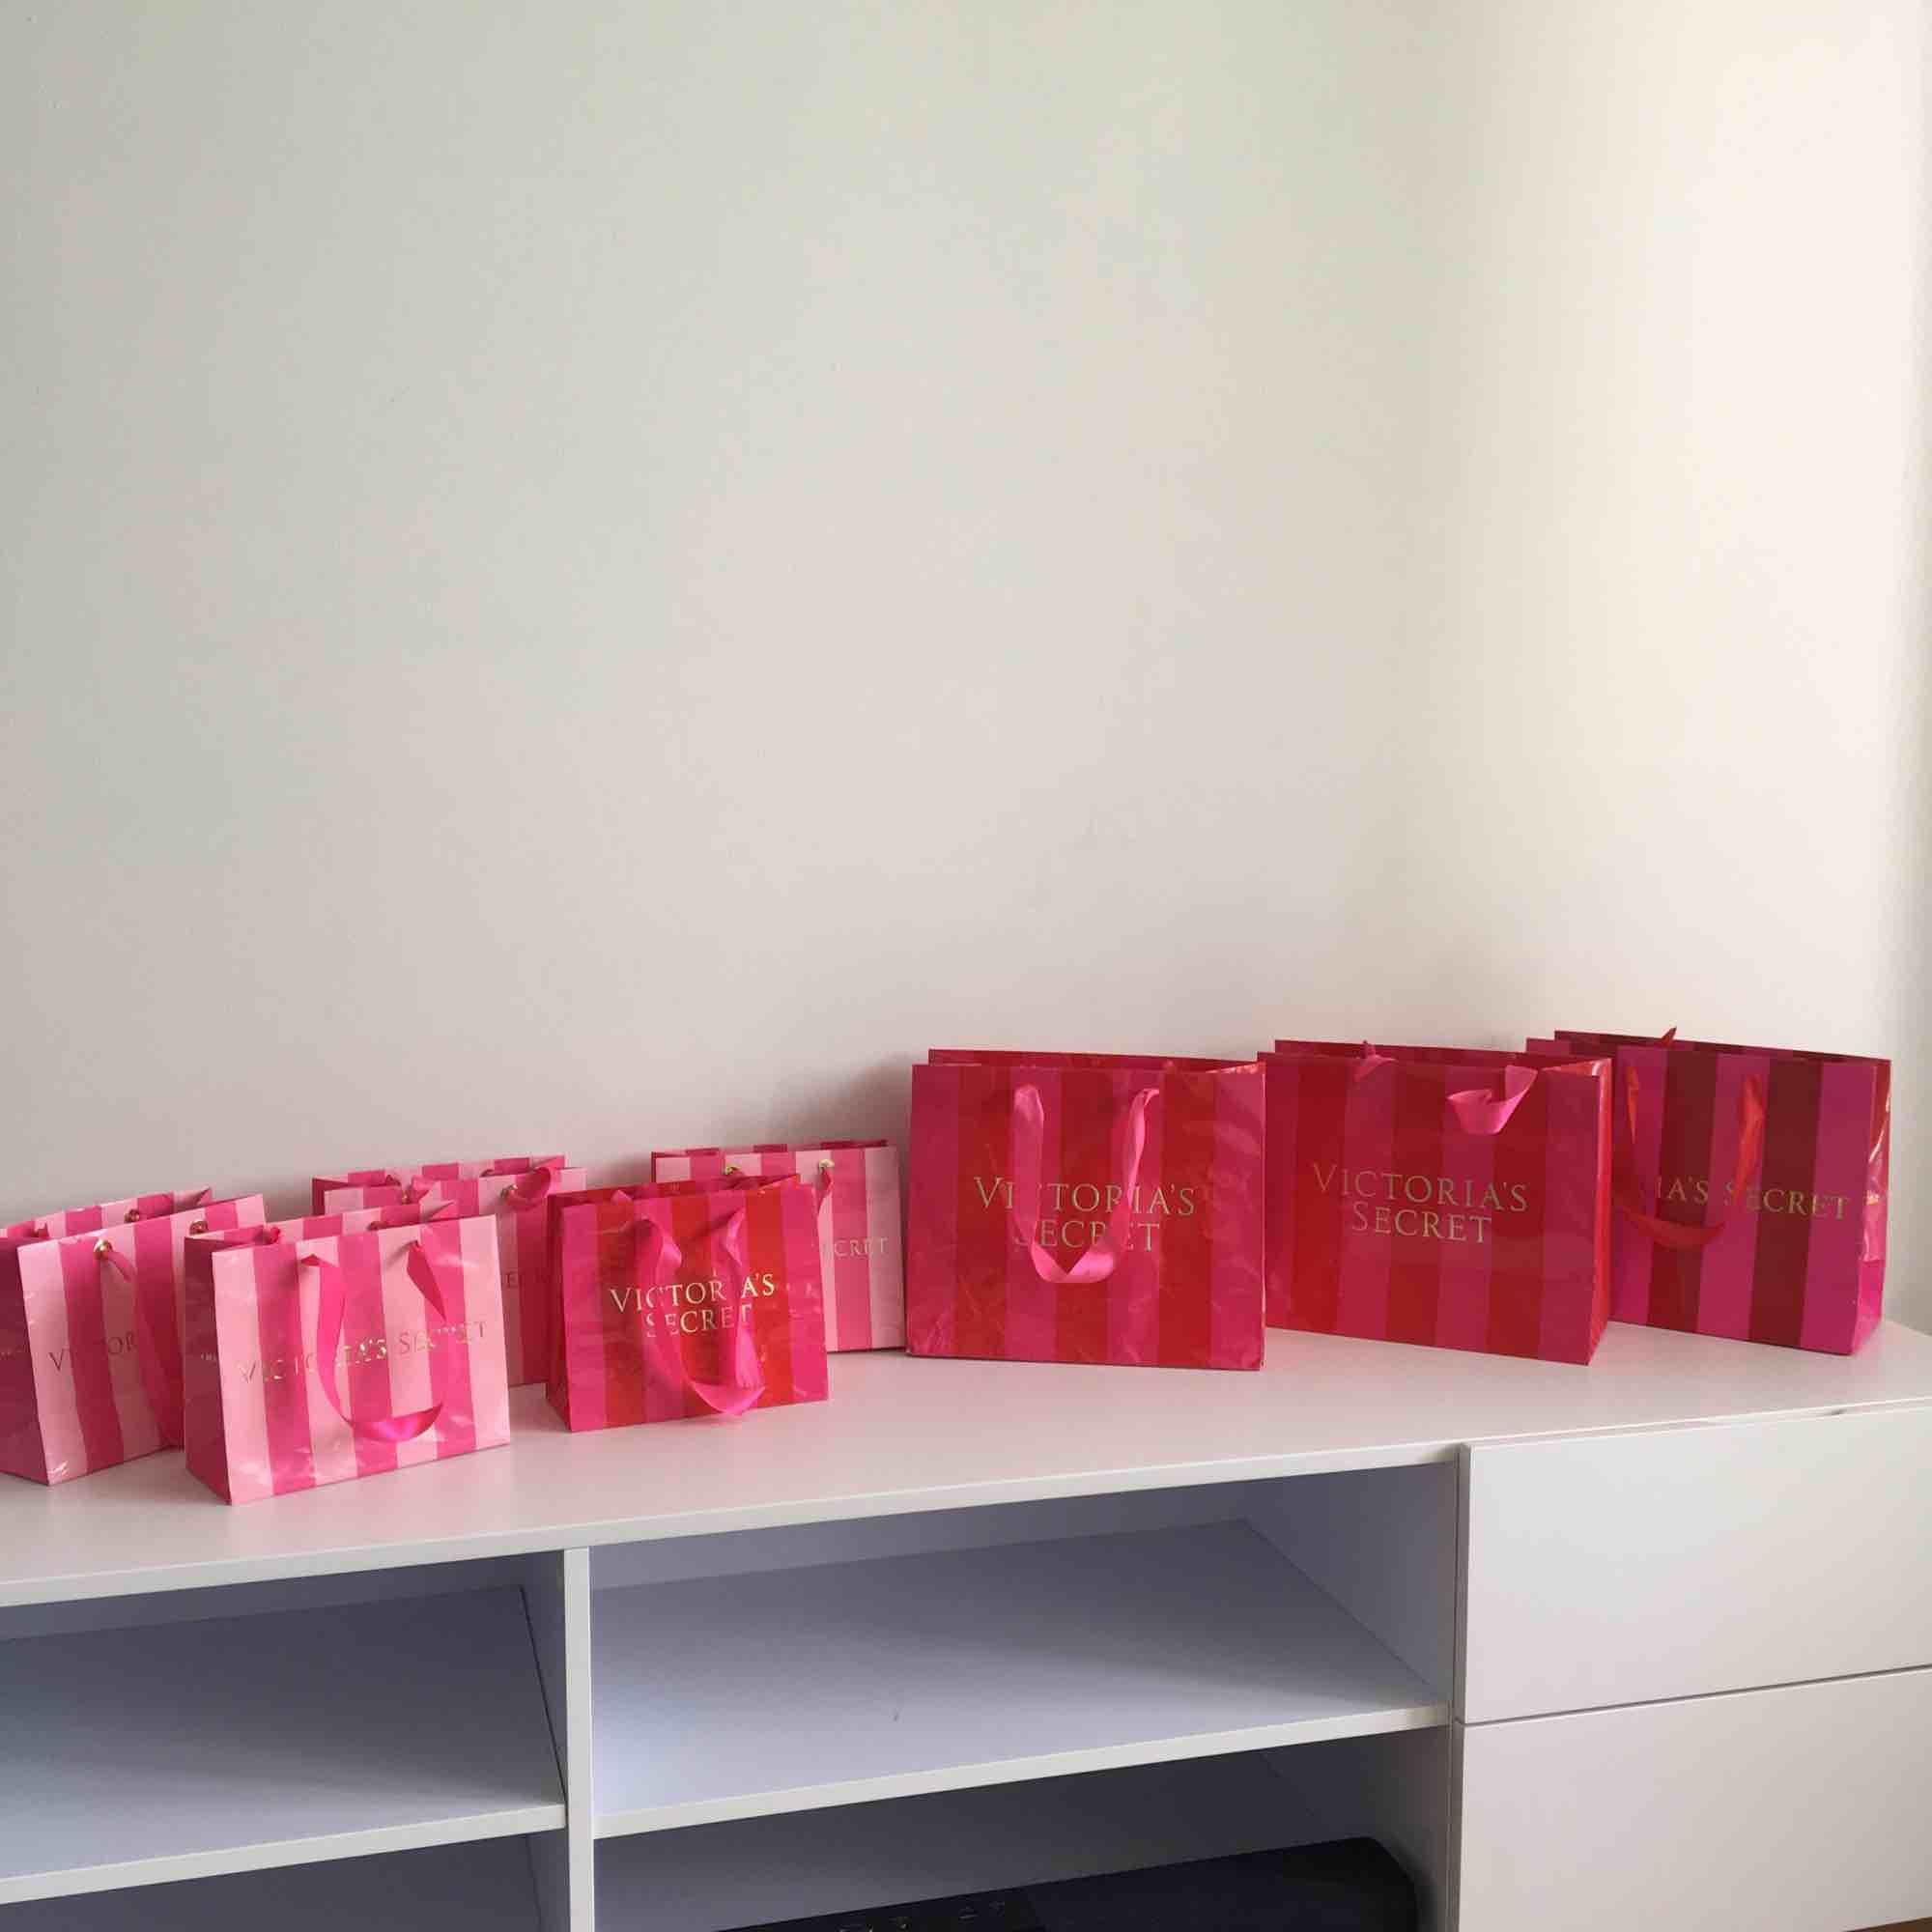 5 små kartongpåsar, 3 stora kartongpåsar från Victorias secret. Eventuell frakt tillkommer 💖 Kolla gärna mina andra annonser🌟🍓. Väskor.